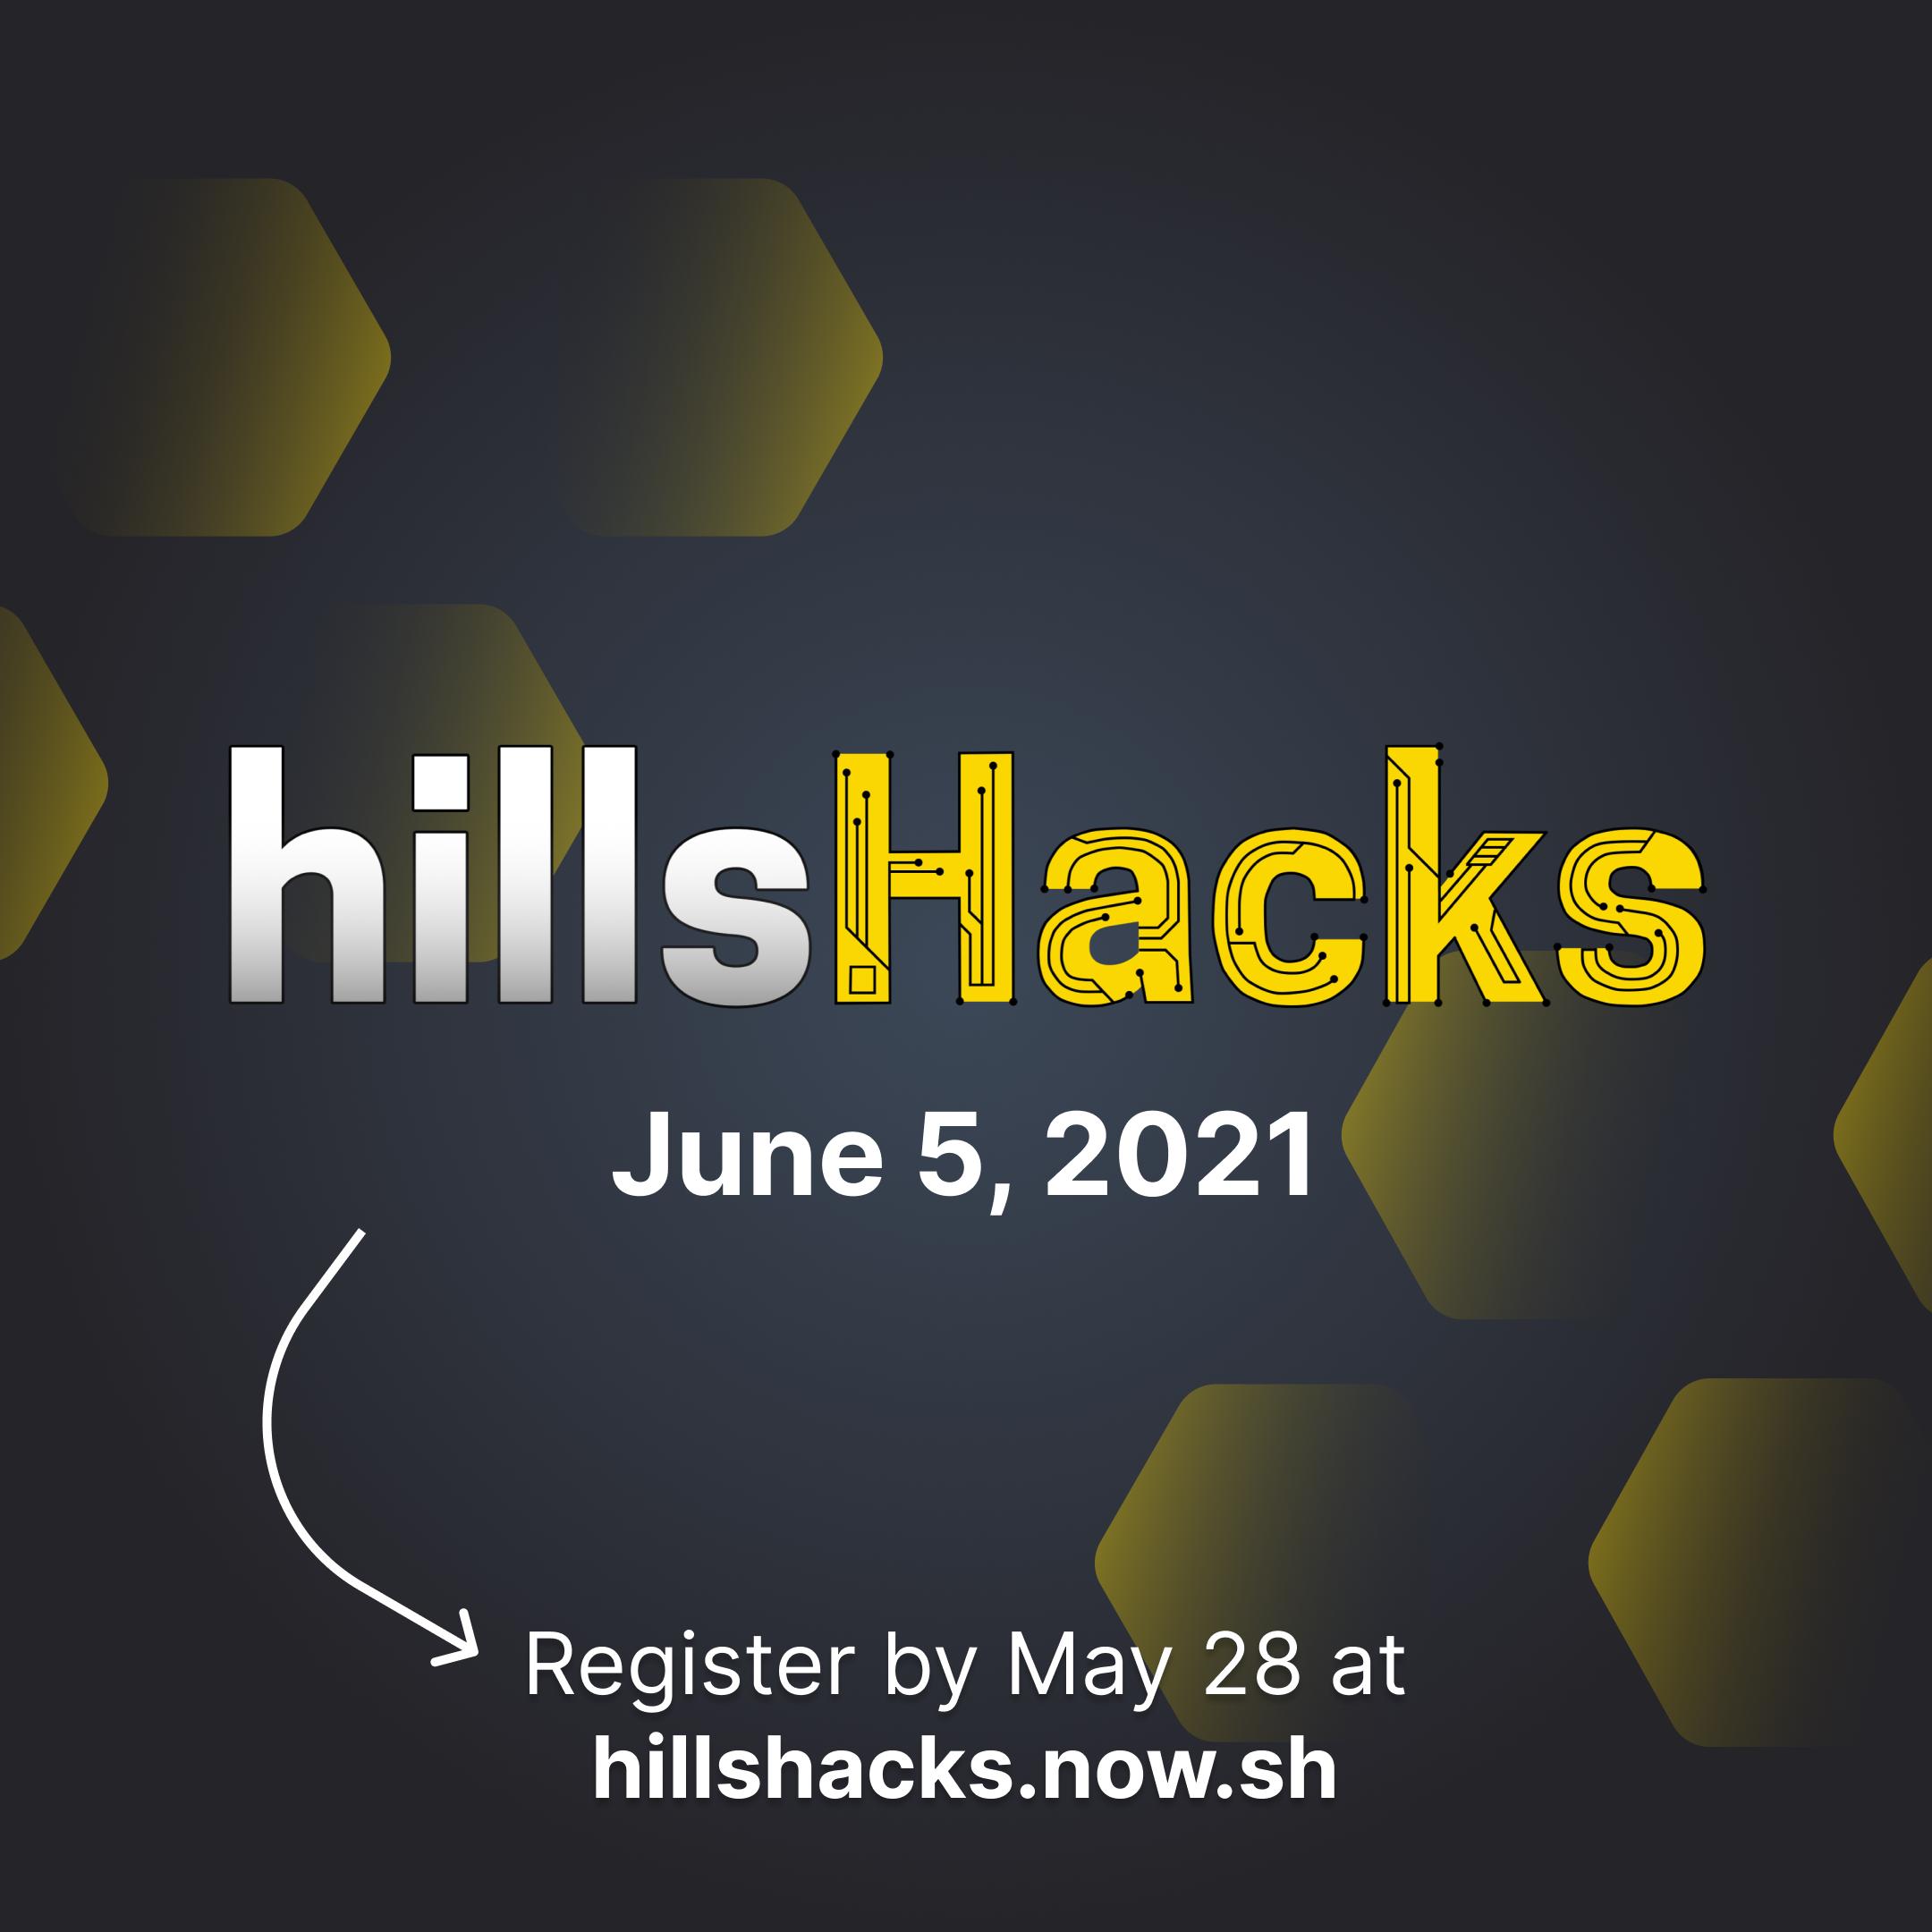 hillshacks